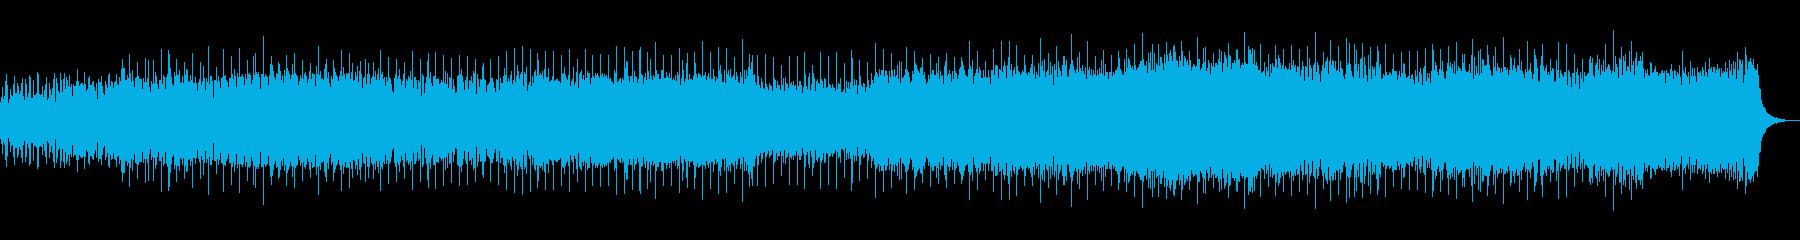 感動的で切ないトランスの再生済みの波形